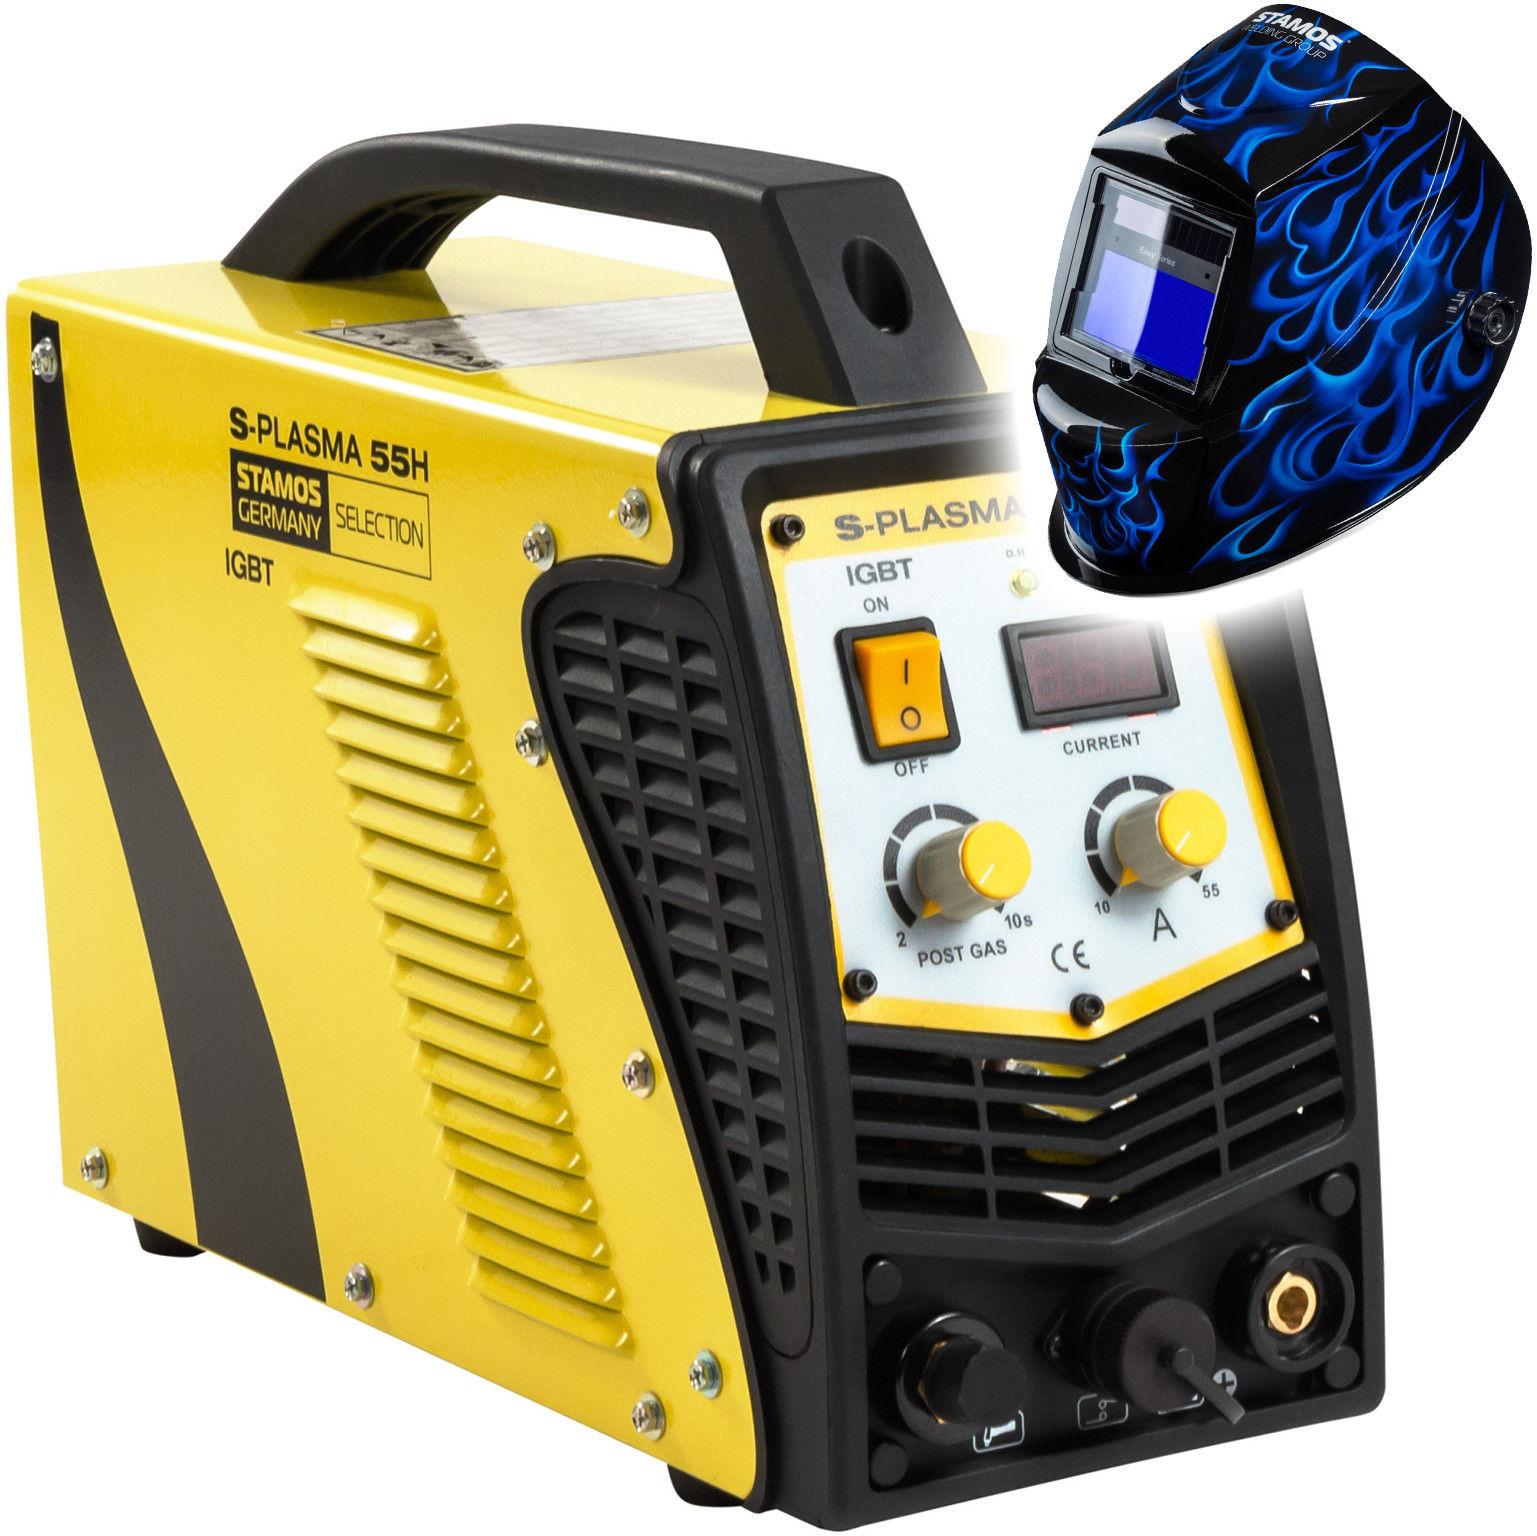 Przecinarka plazmowa - 55 A - 230 V - zapłon kontaktowy + Maska spawalnicza - Firestarter 500 - Adva - Stamos Selection - S-PLASMA 55H - 3 lata